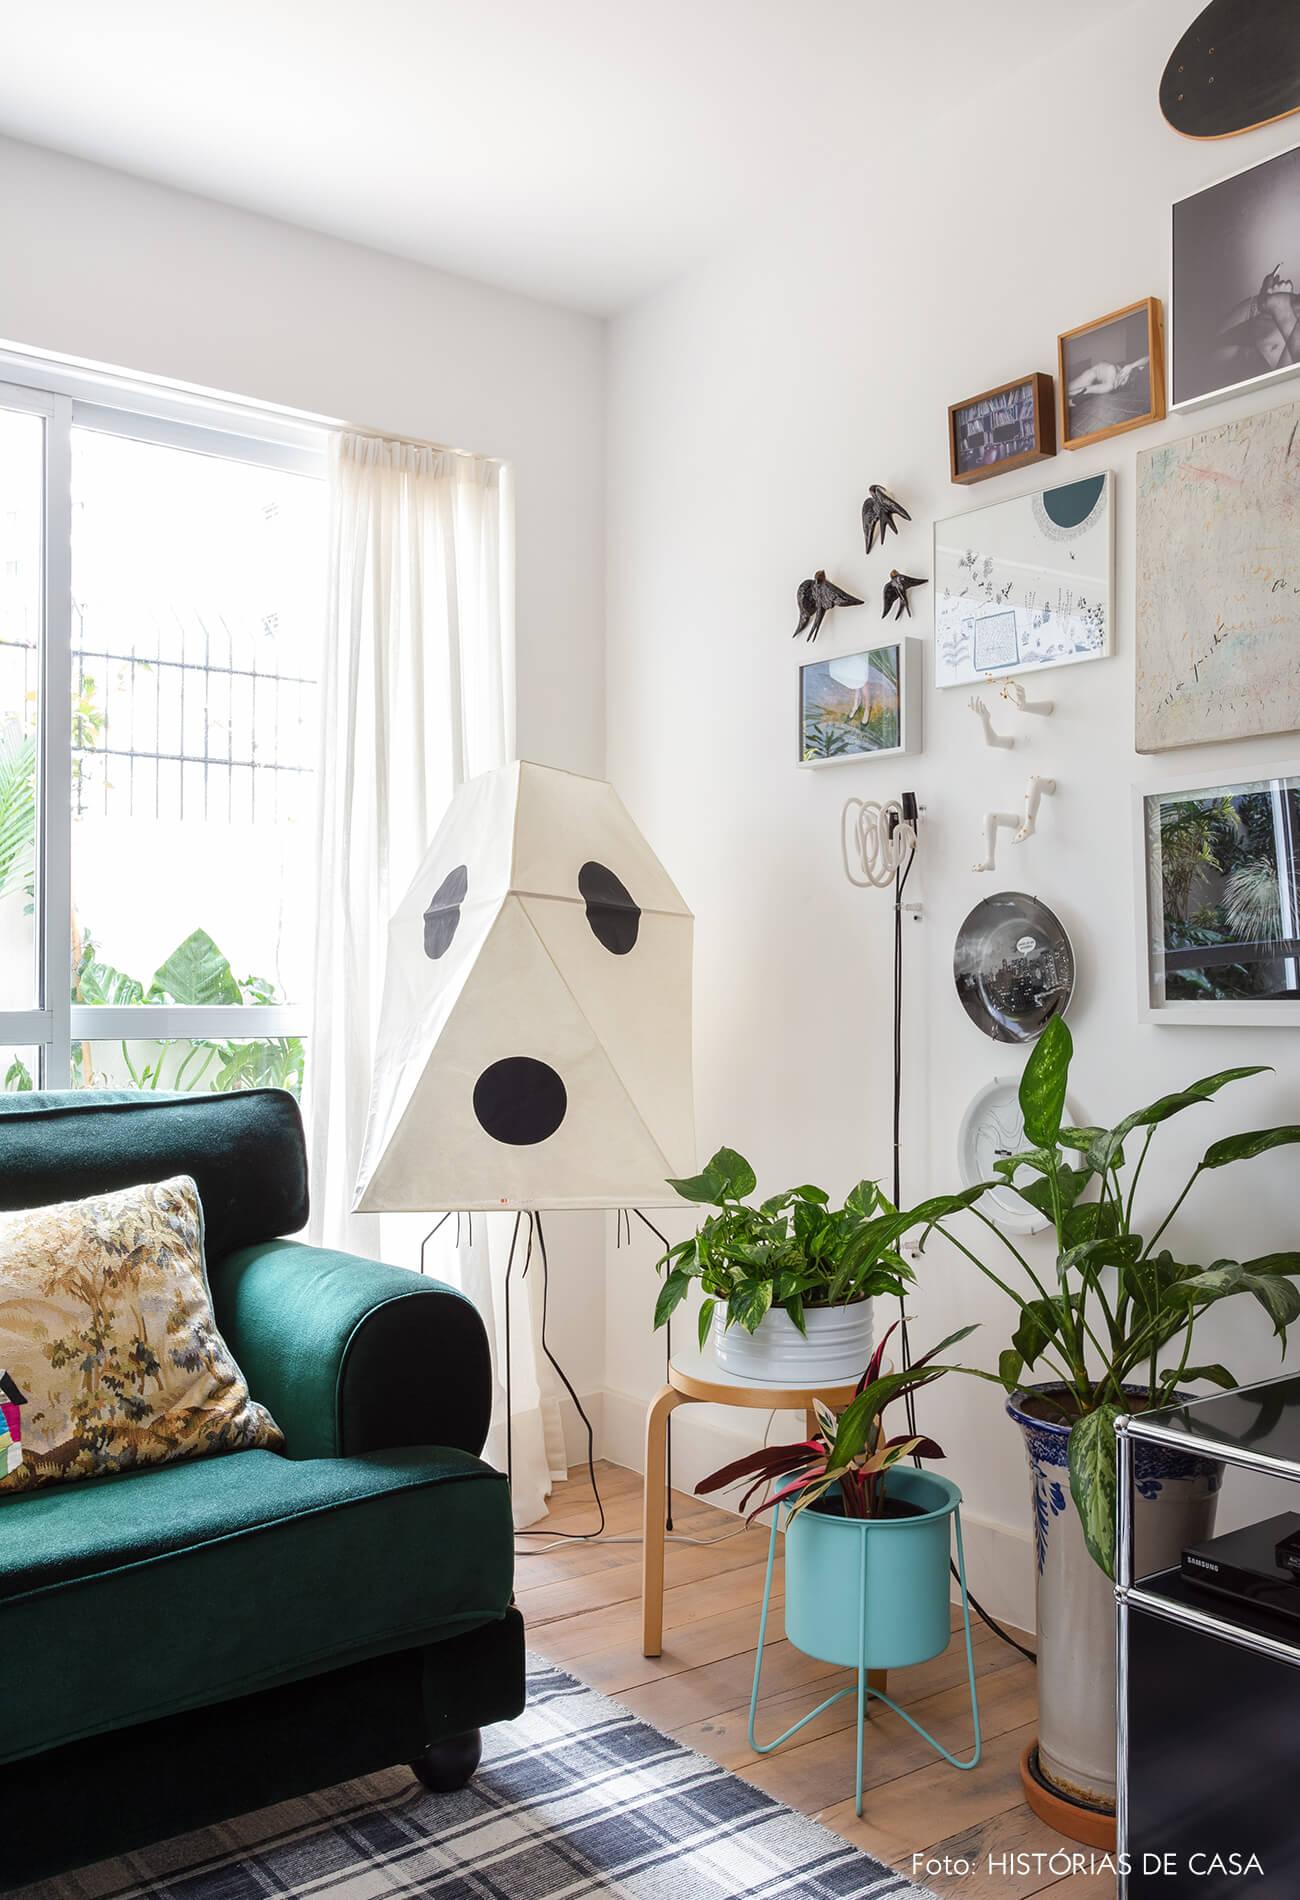 Sala com sofá verde e luminária de piso de papel